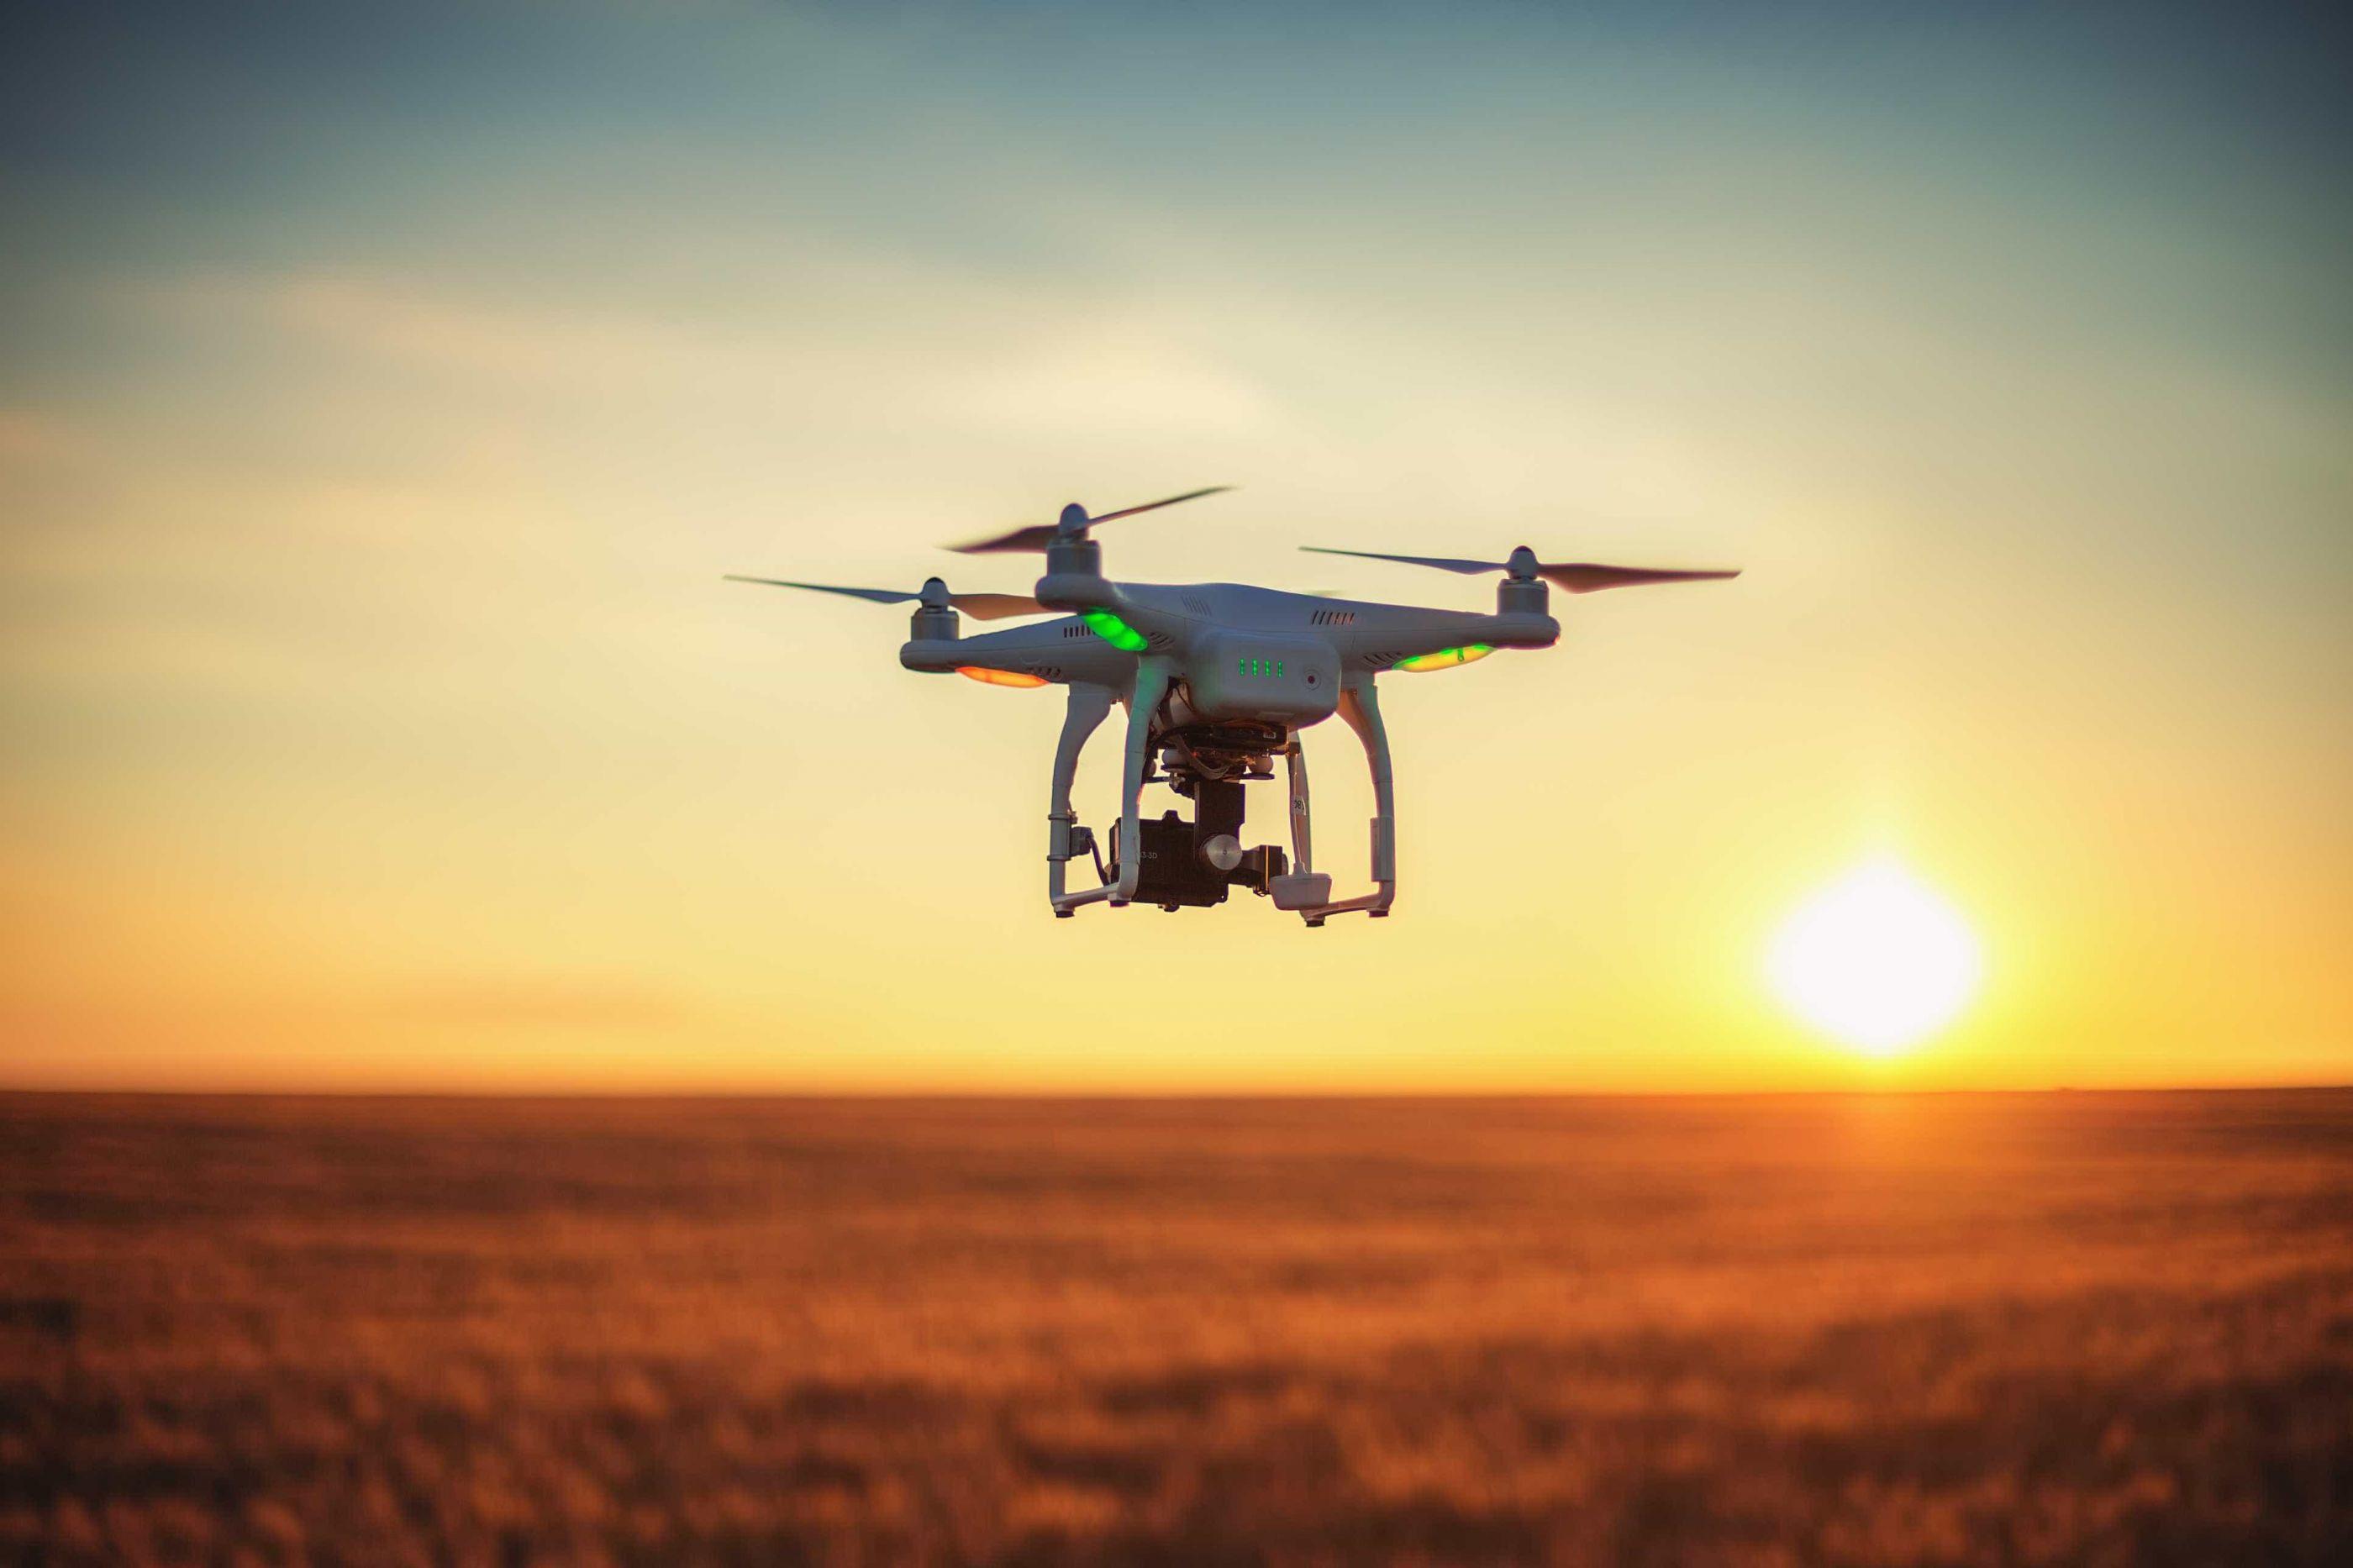 Lei sobre 'drones' criticada pelos partidos baixa à comissão sem votação